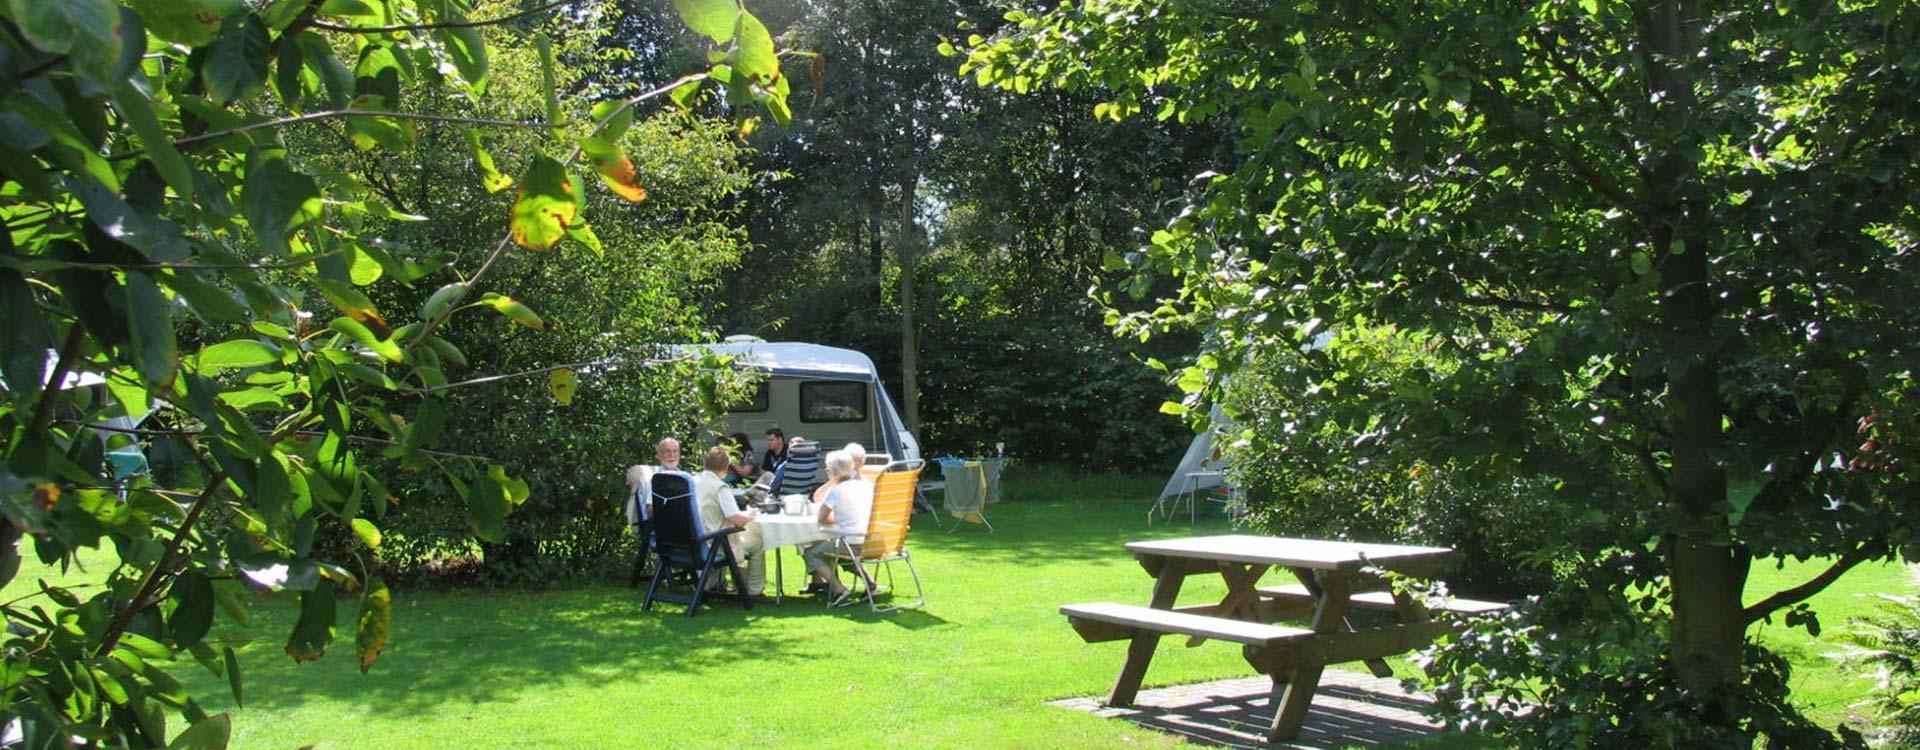 camping-meistershof-kamperen-in-het-groen